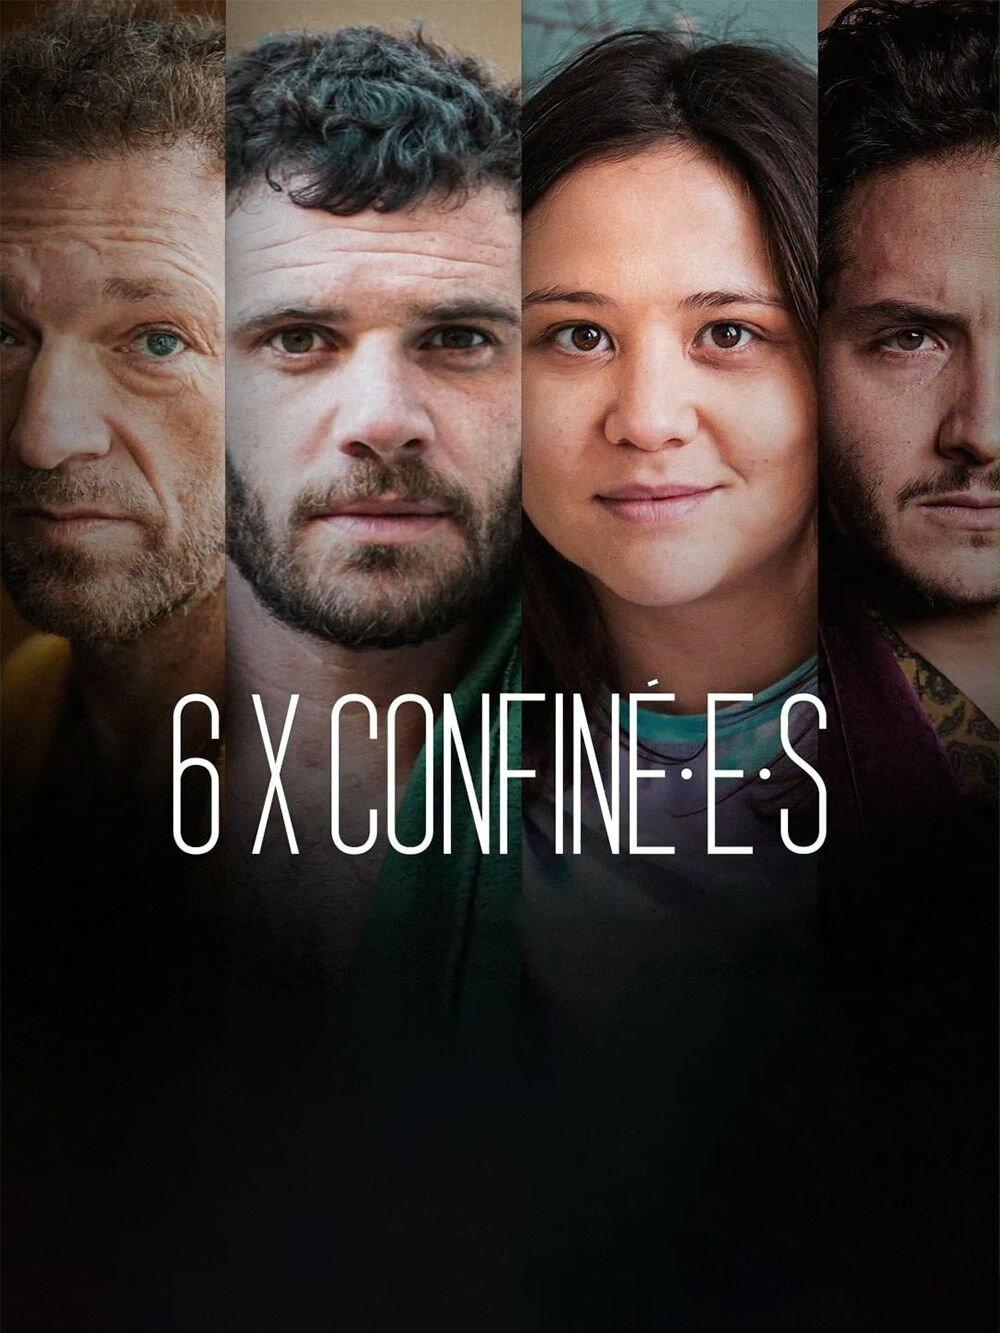 6 X confiné.e.s ne zaman